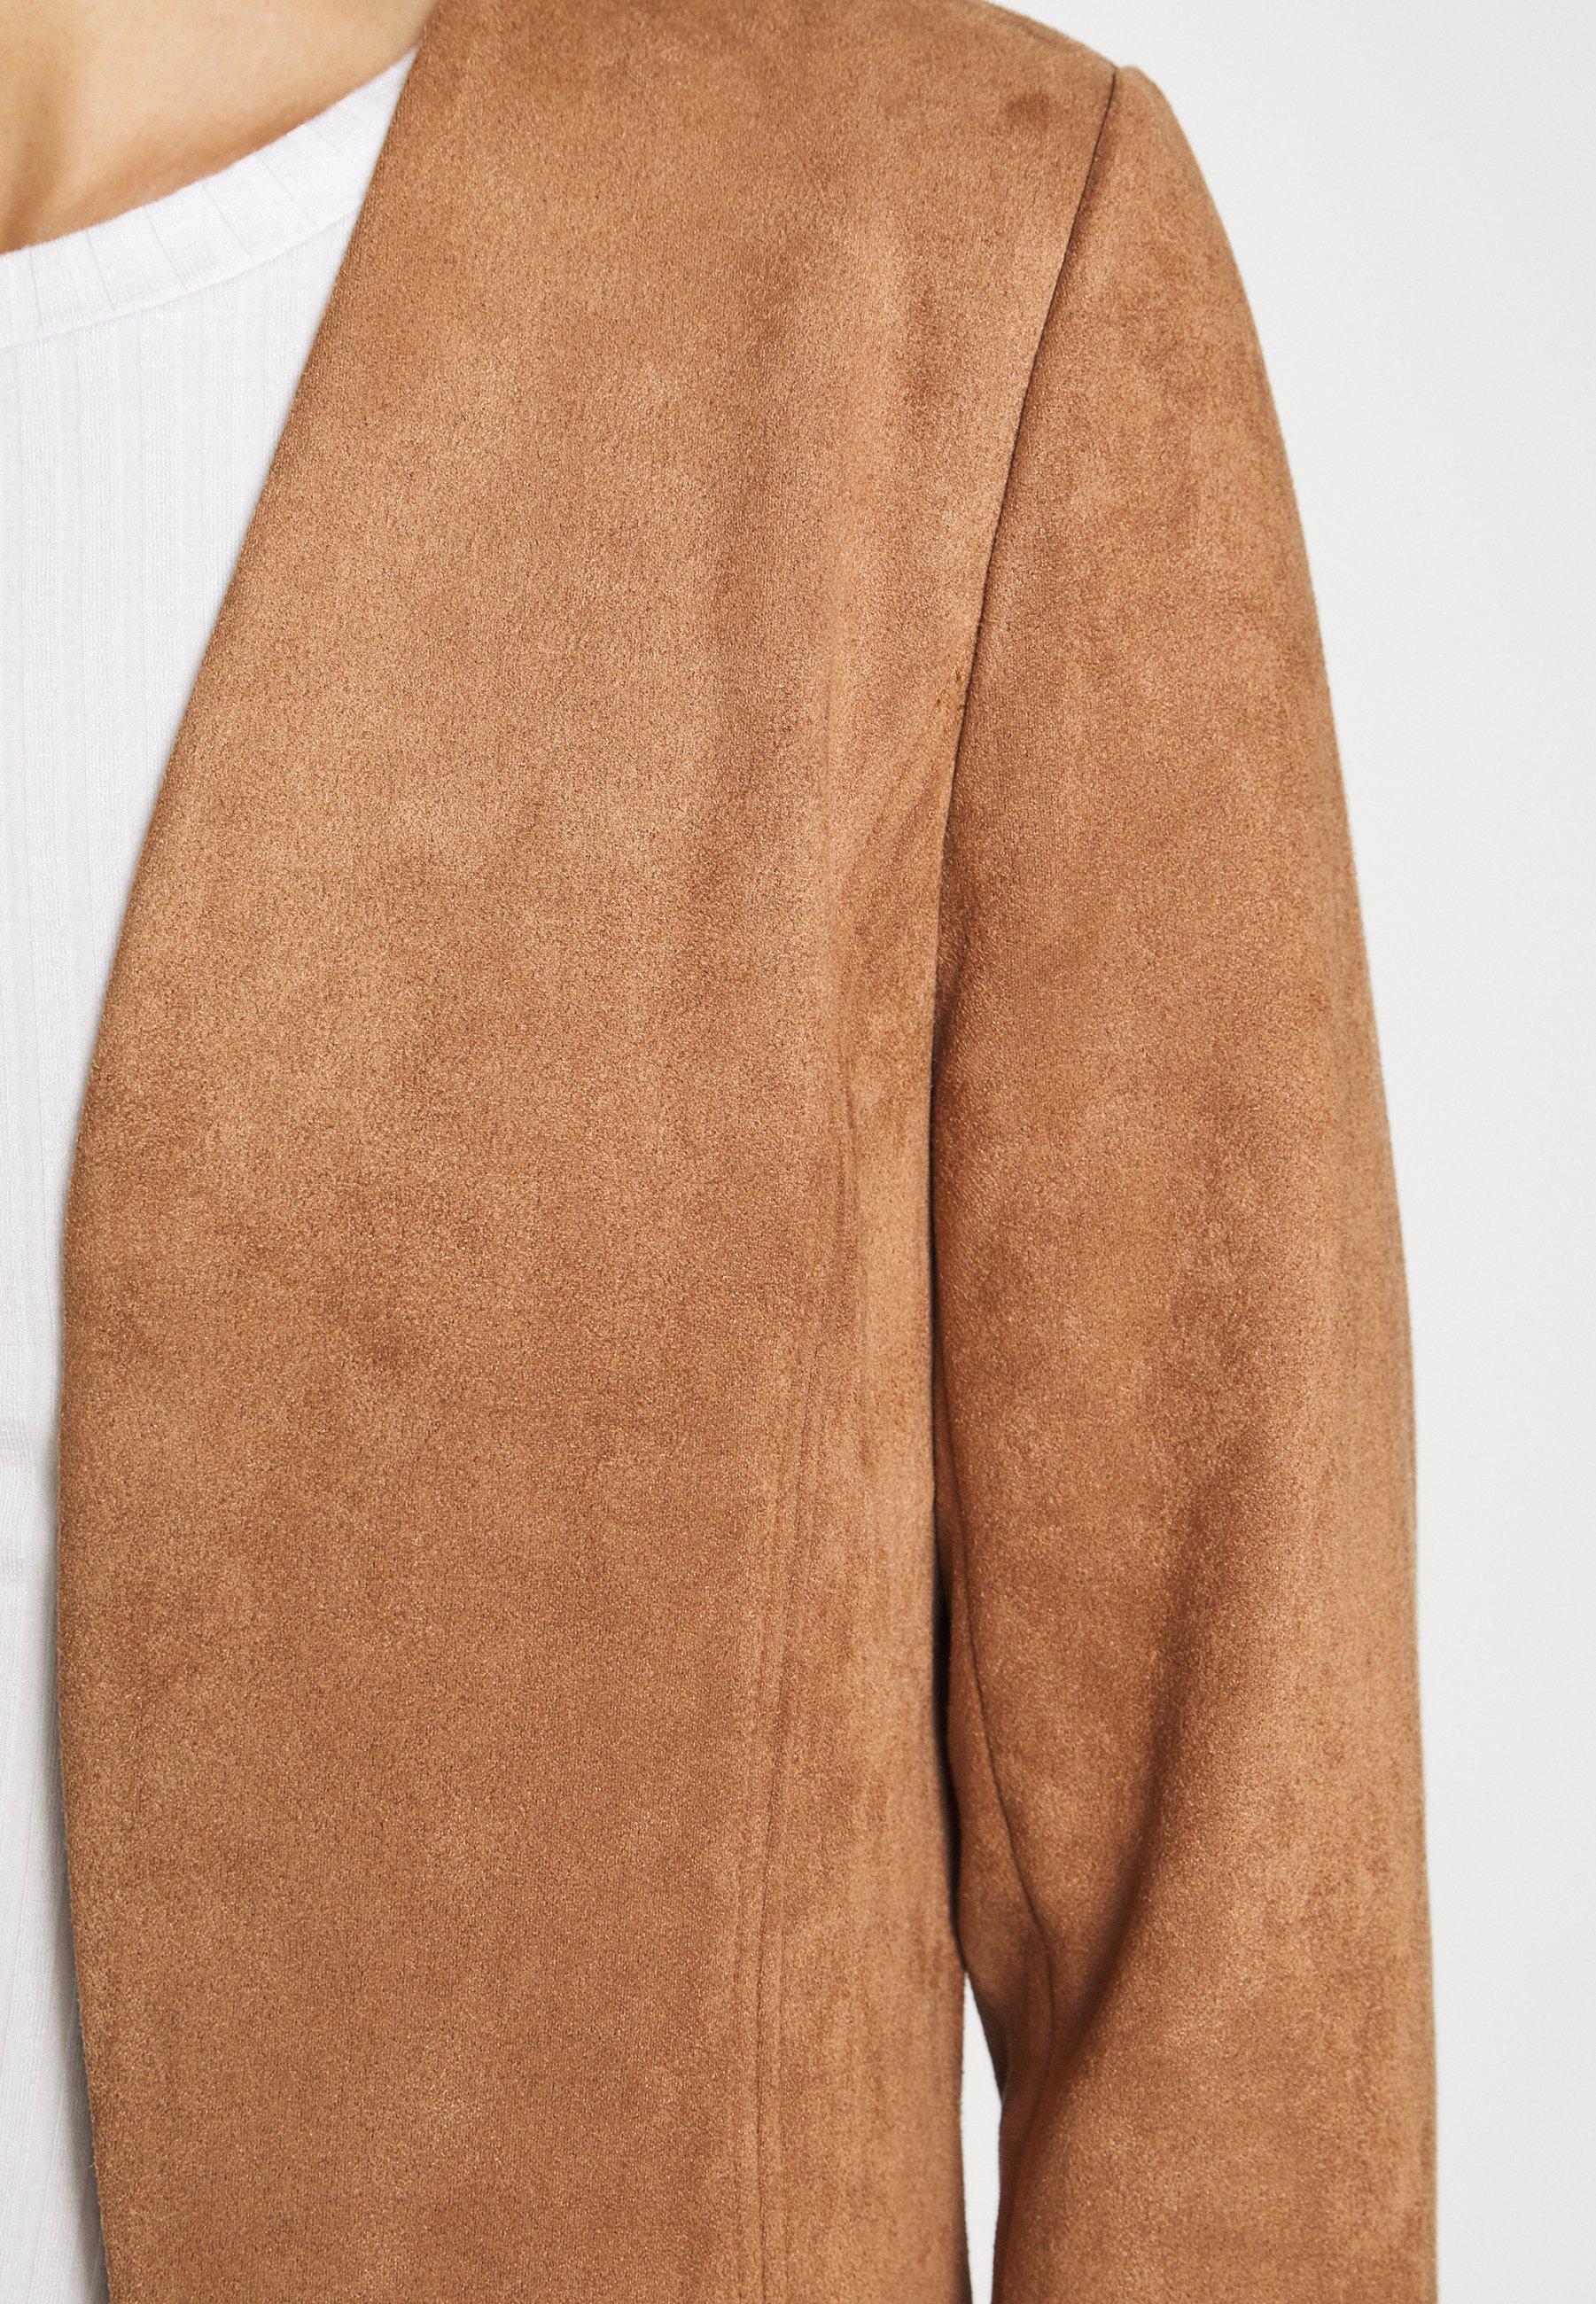 Big Sale New Lower Prices Women's Clothing comma 3/4 ARM Blazer brown aHhYxcrHy qEmOZN3Bw